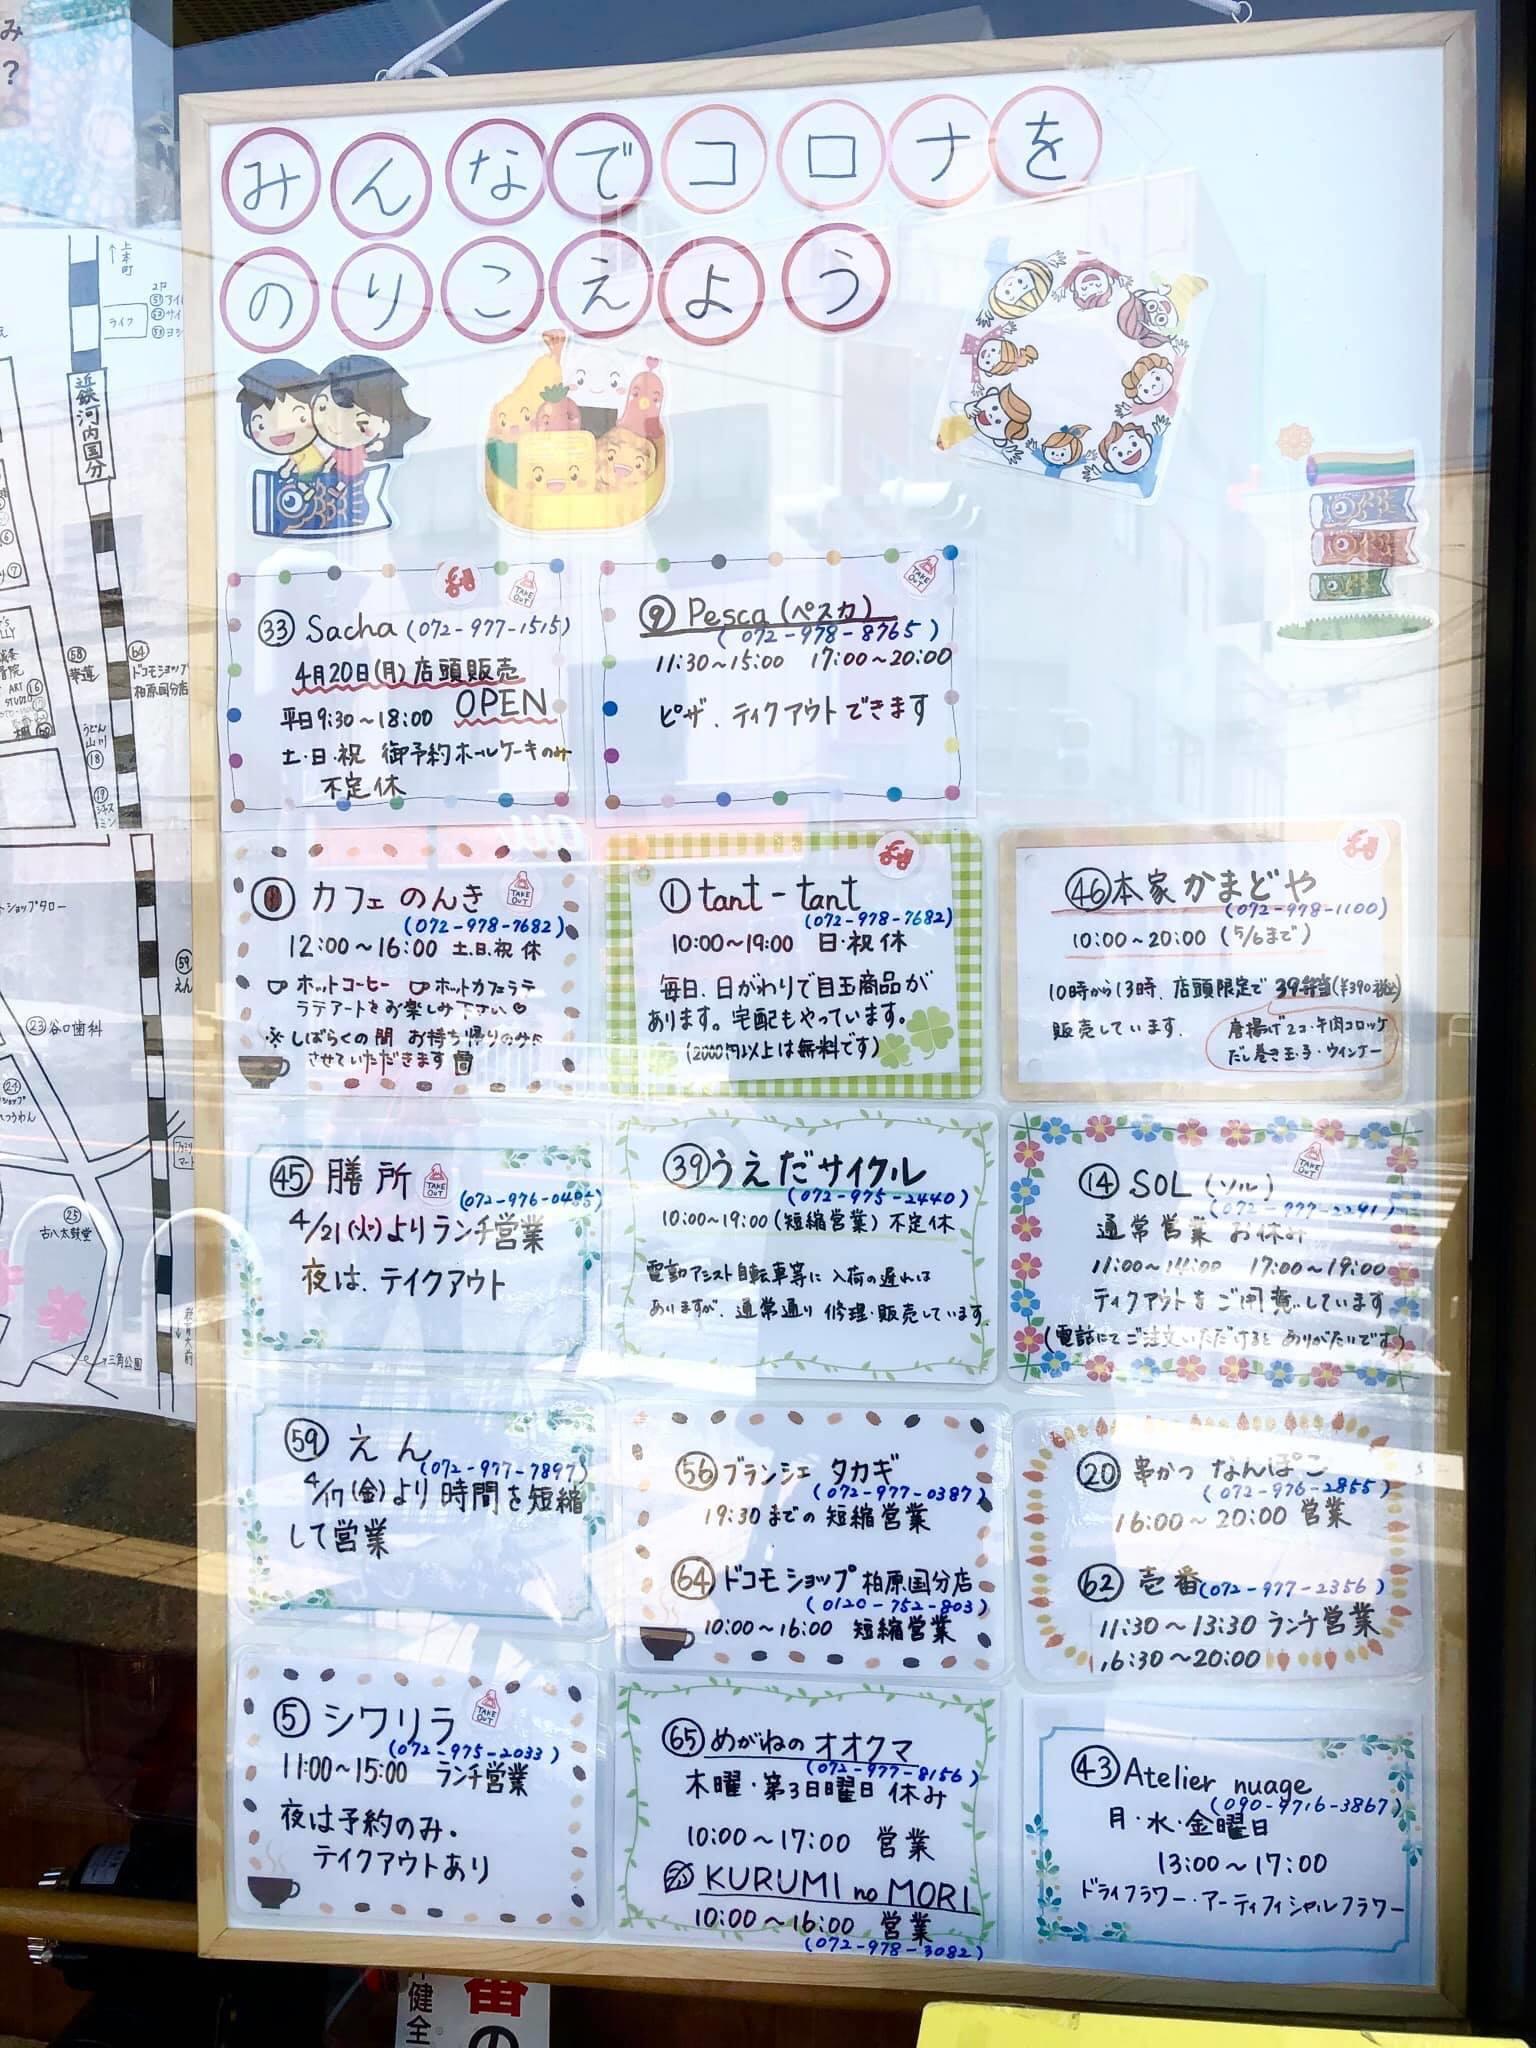 tant-tantで国分地区の店舗情報などを発信